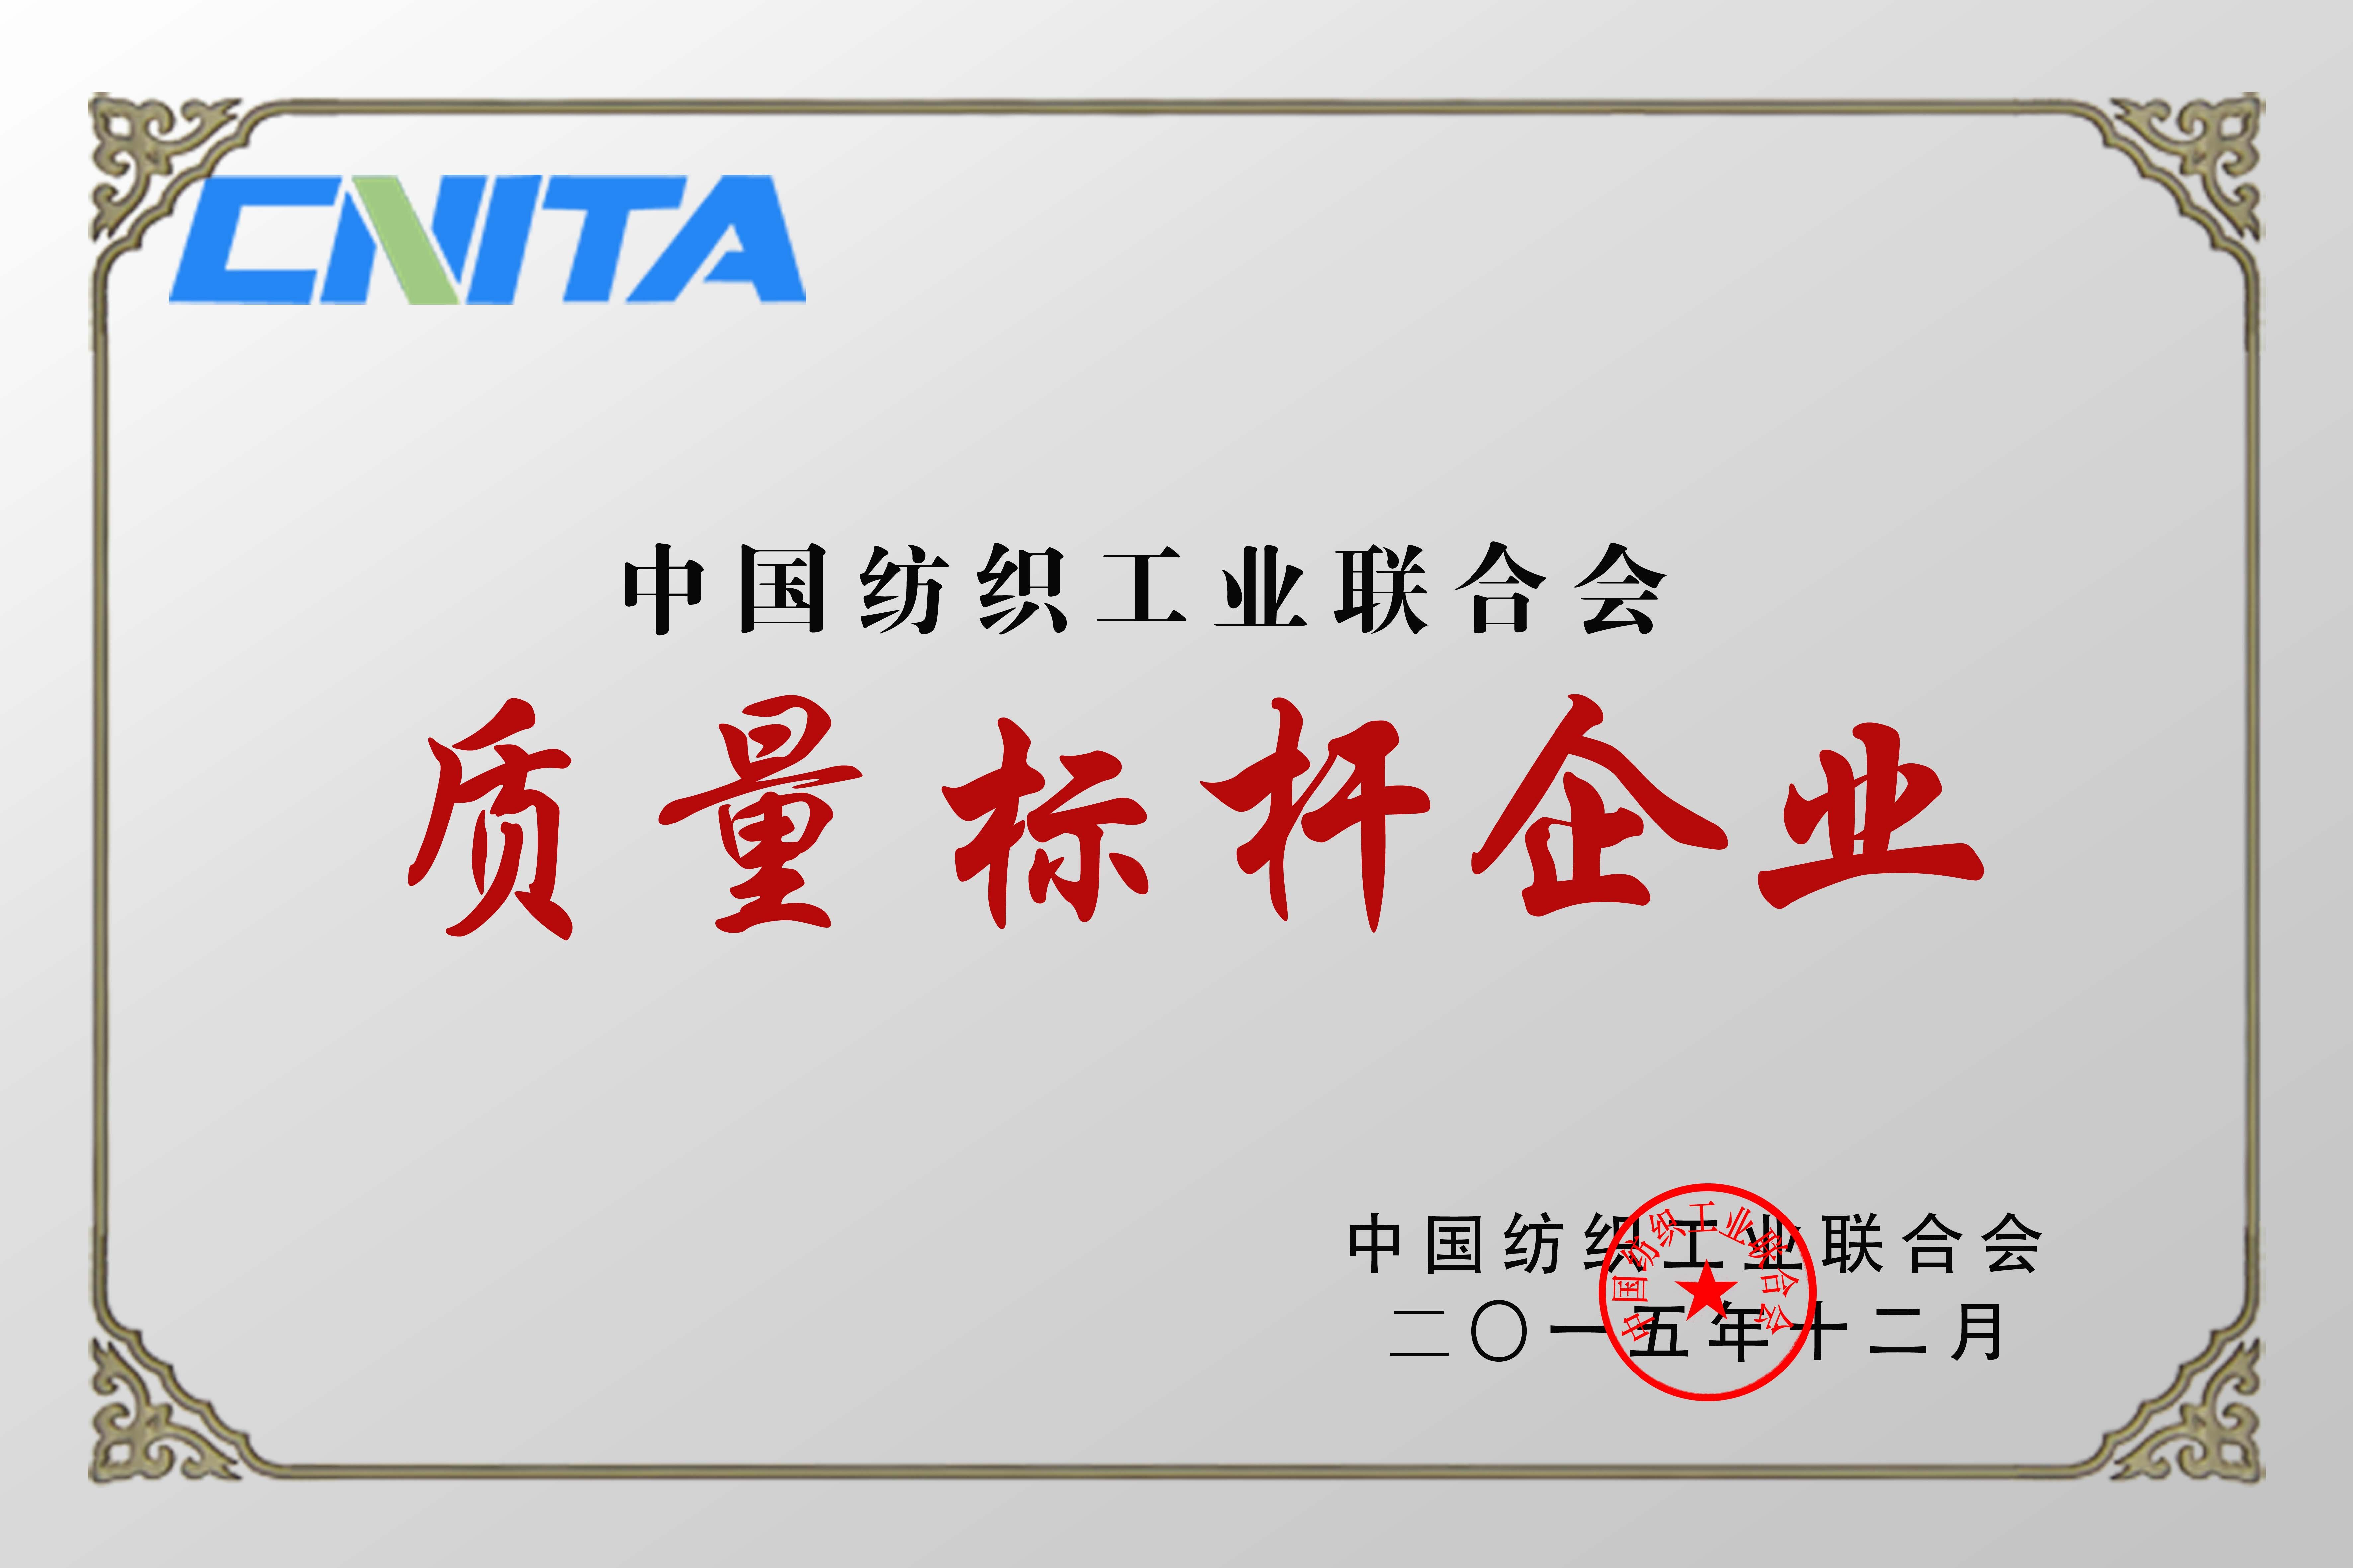 中国纺织工业联合会质量标杆企业